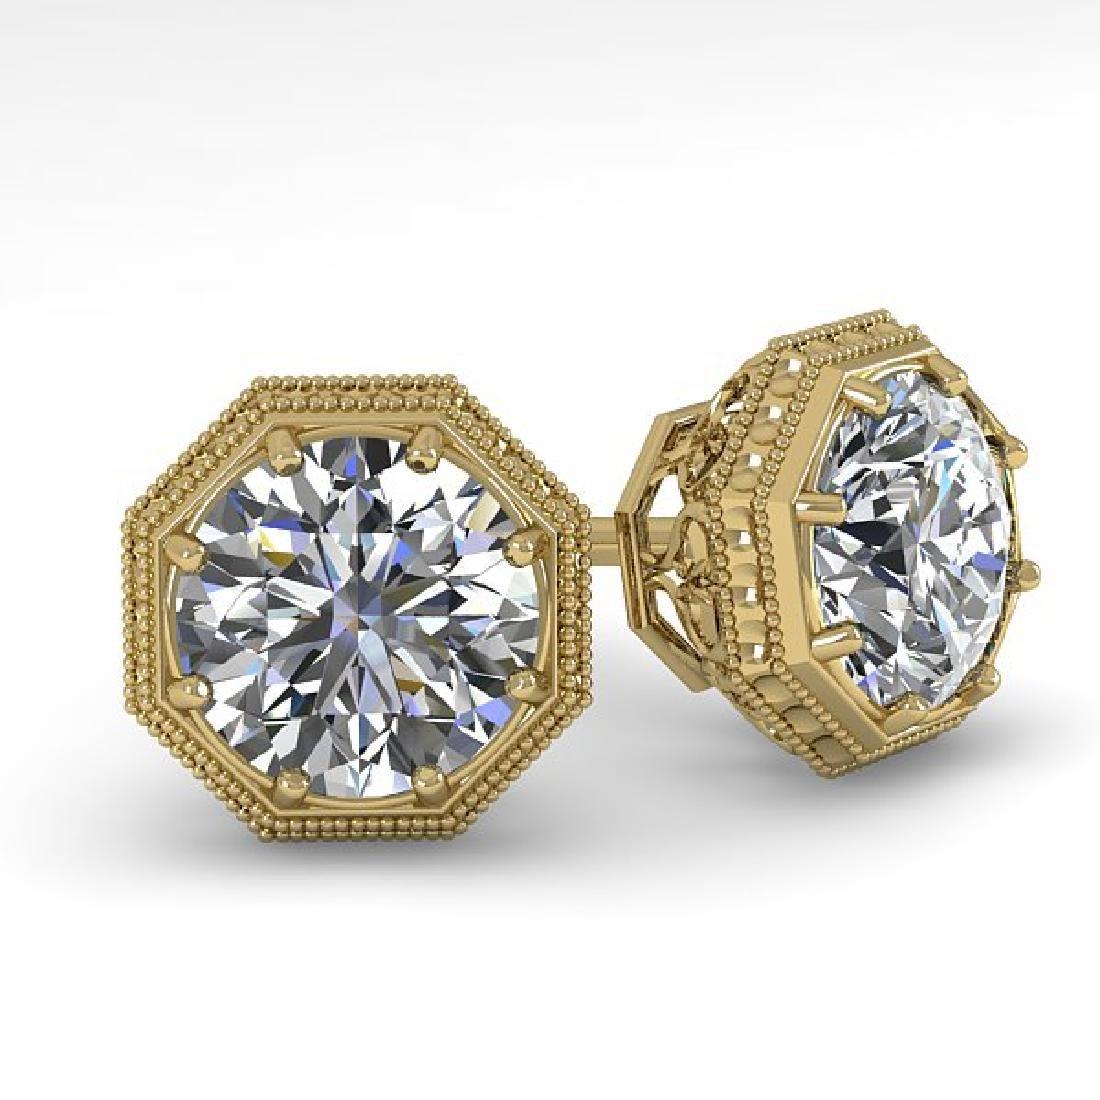 1.53 CTW Certified VS/SI Diamond Stud Earrings 14K